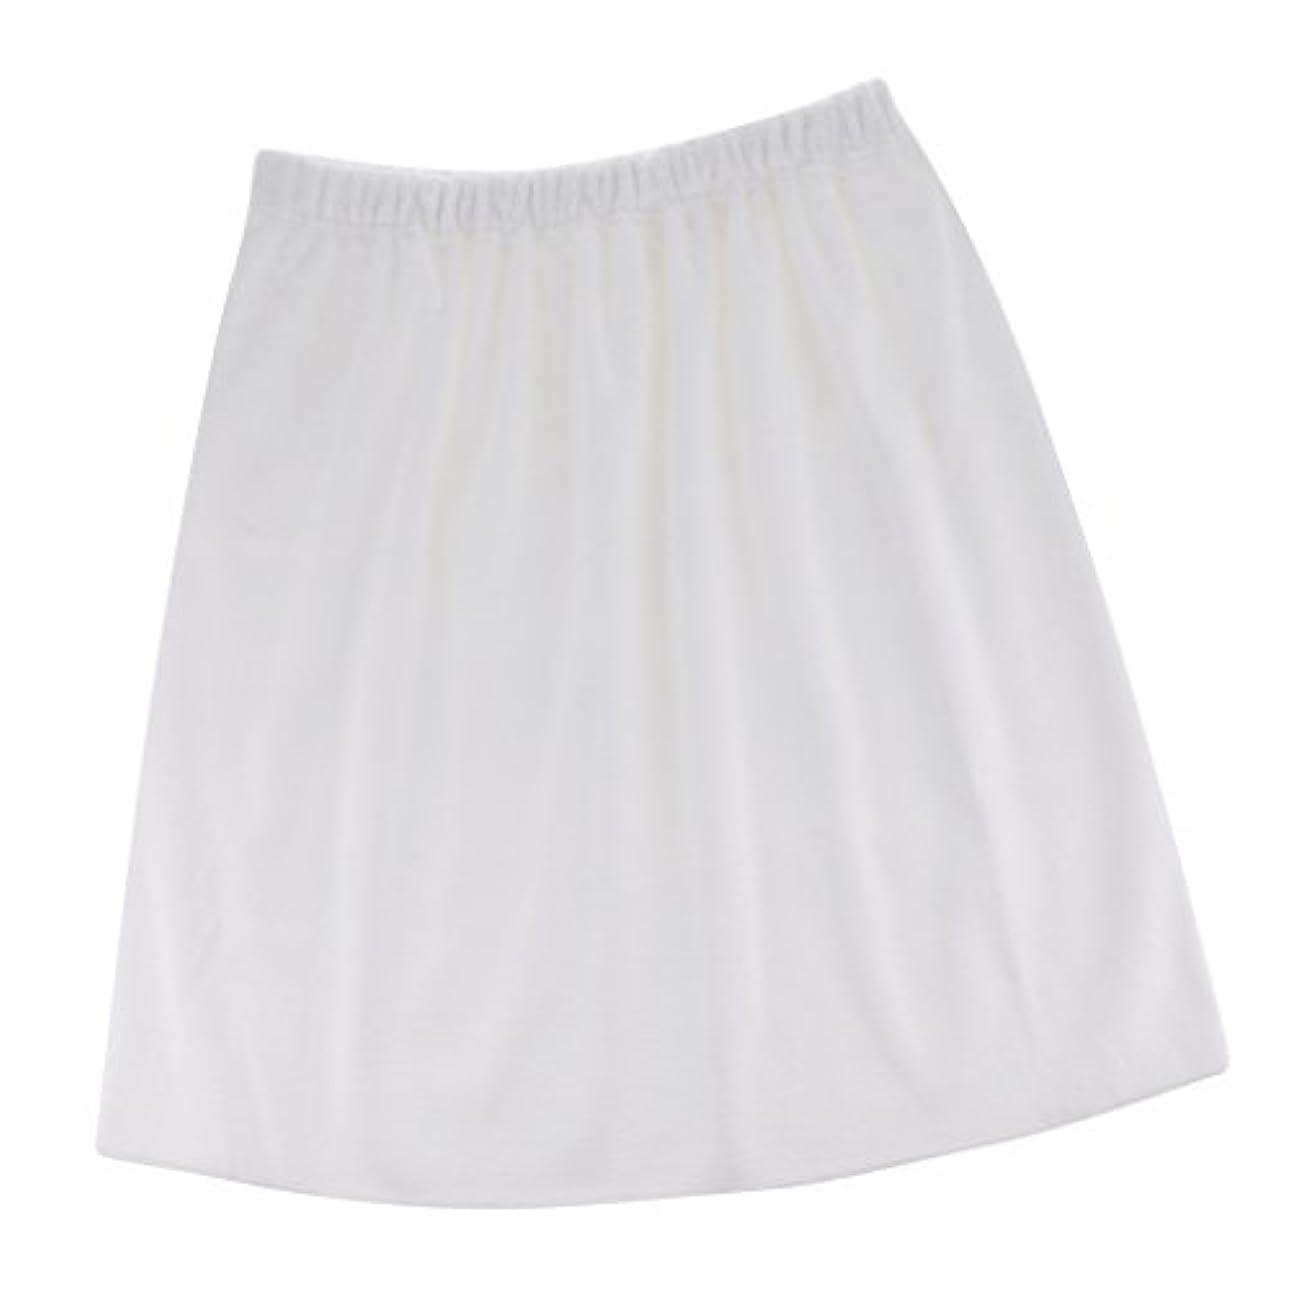 Perfk タオルラップ 吸収性 メンズ バスシャワータオル 高品質 便利 5色選べる - 白